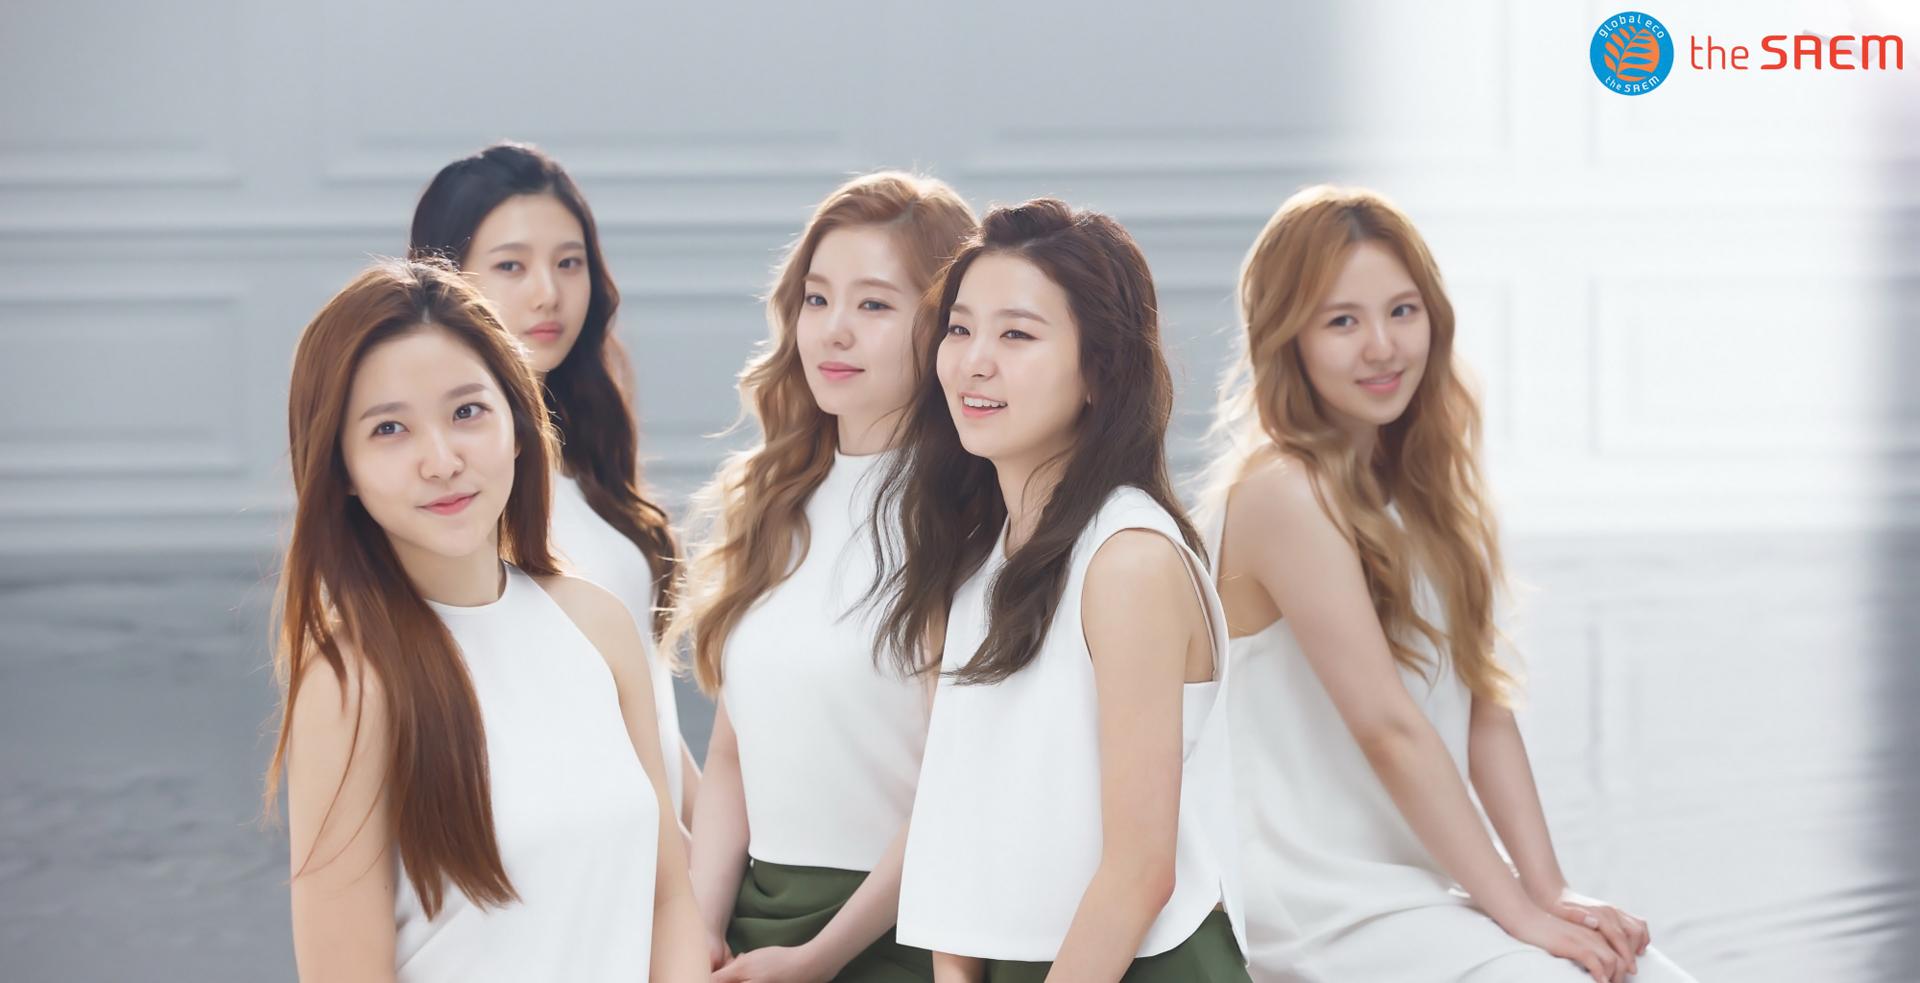 Red Velvet Chosen as New Models for Cosmetics Brand the Saem